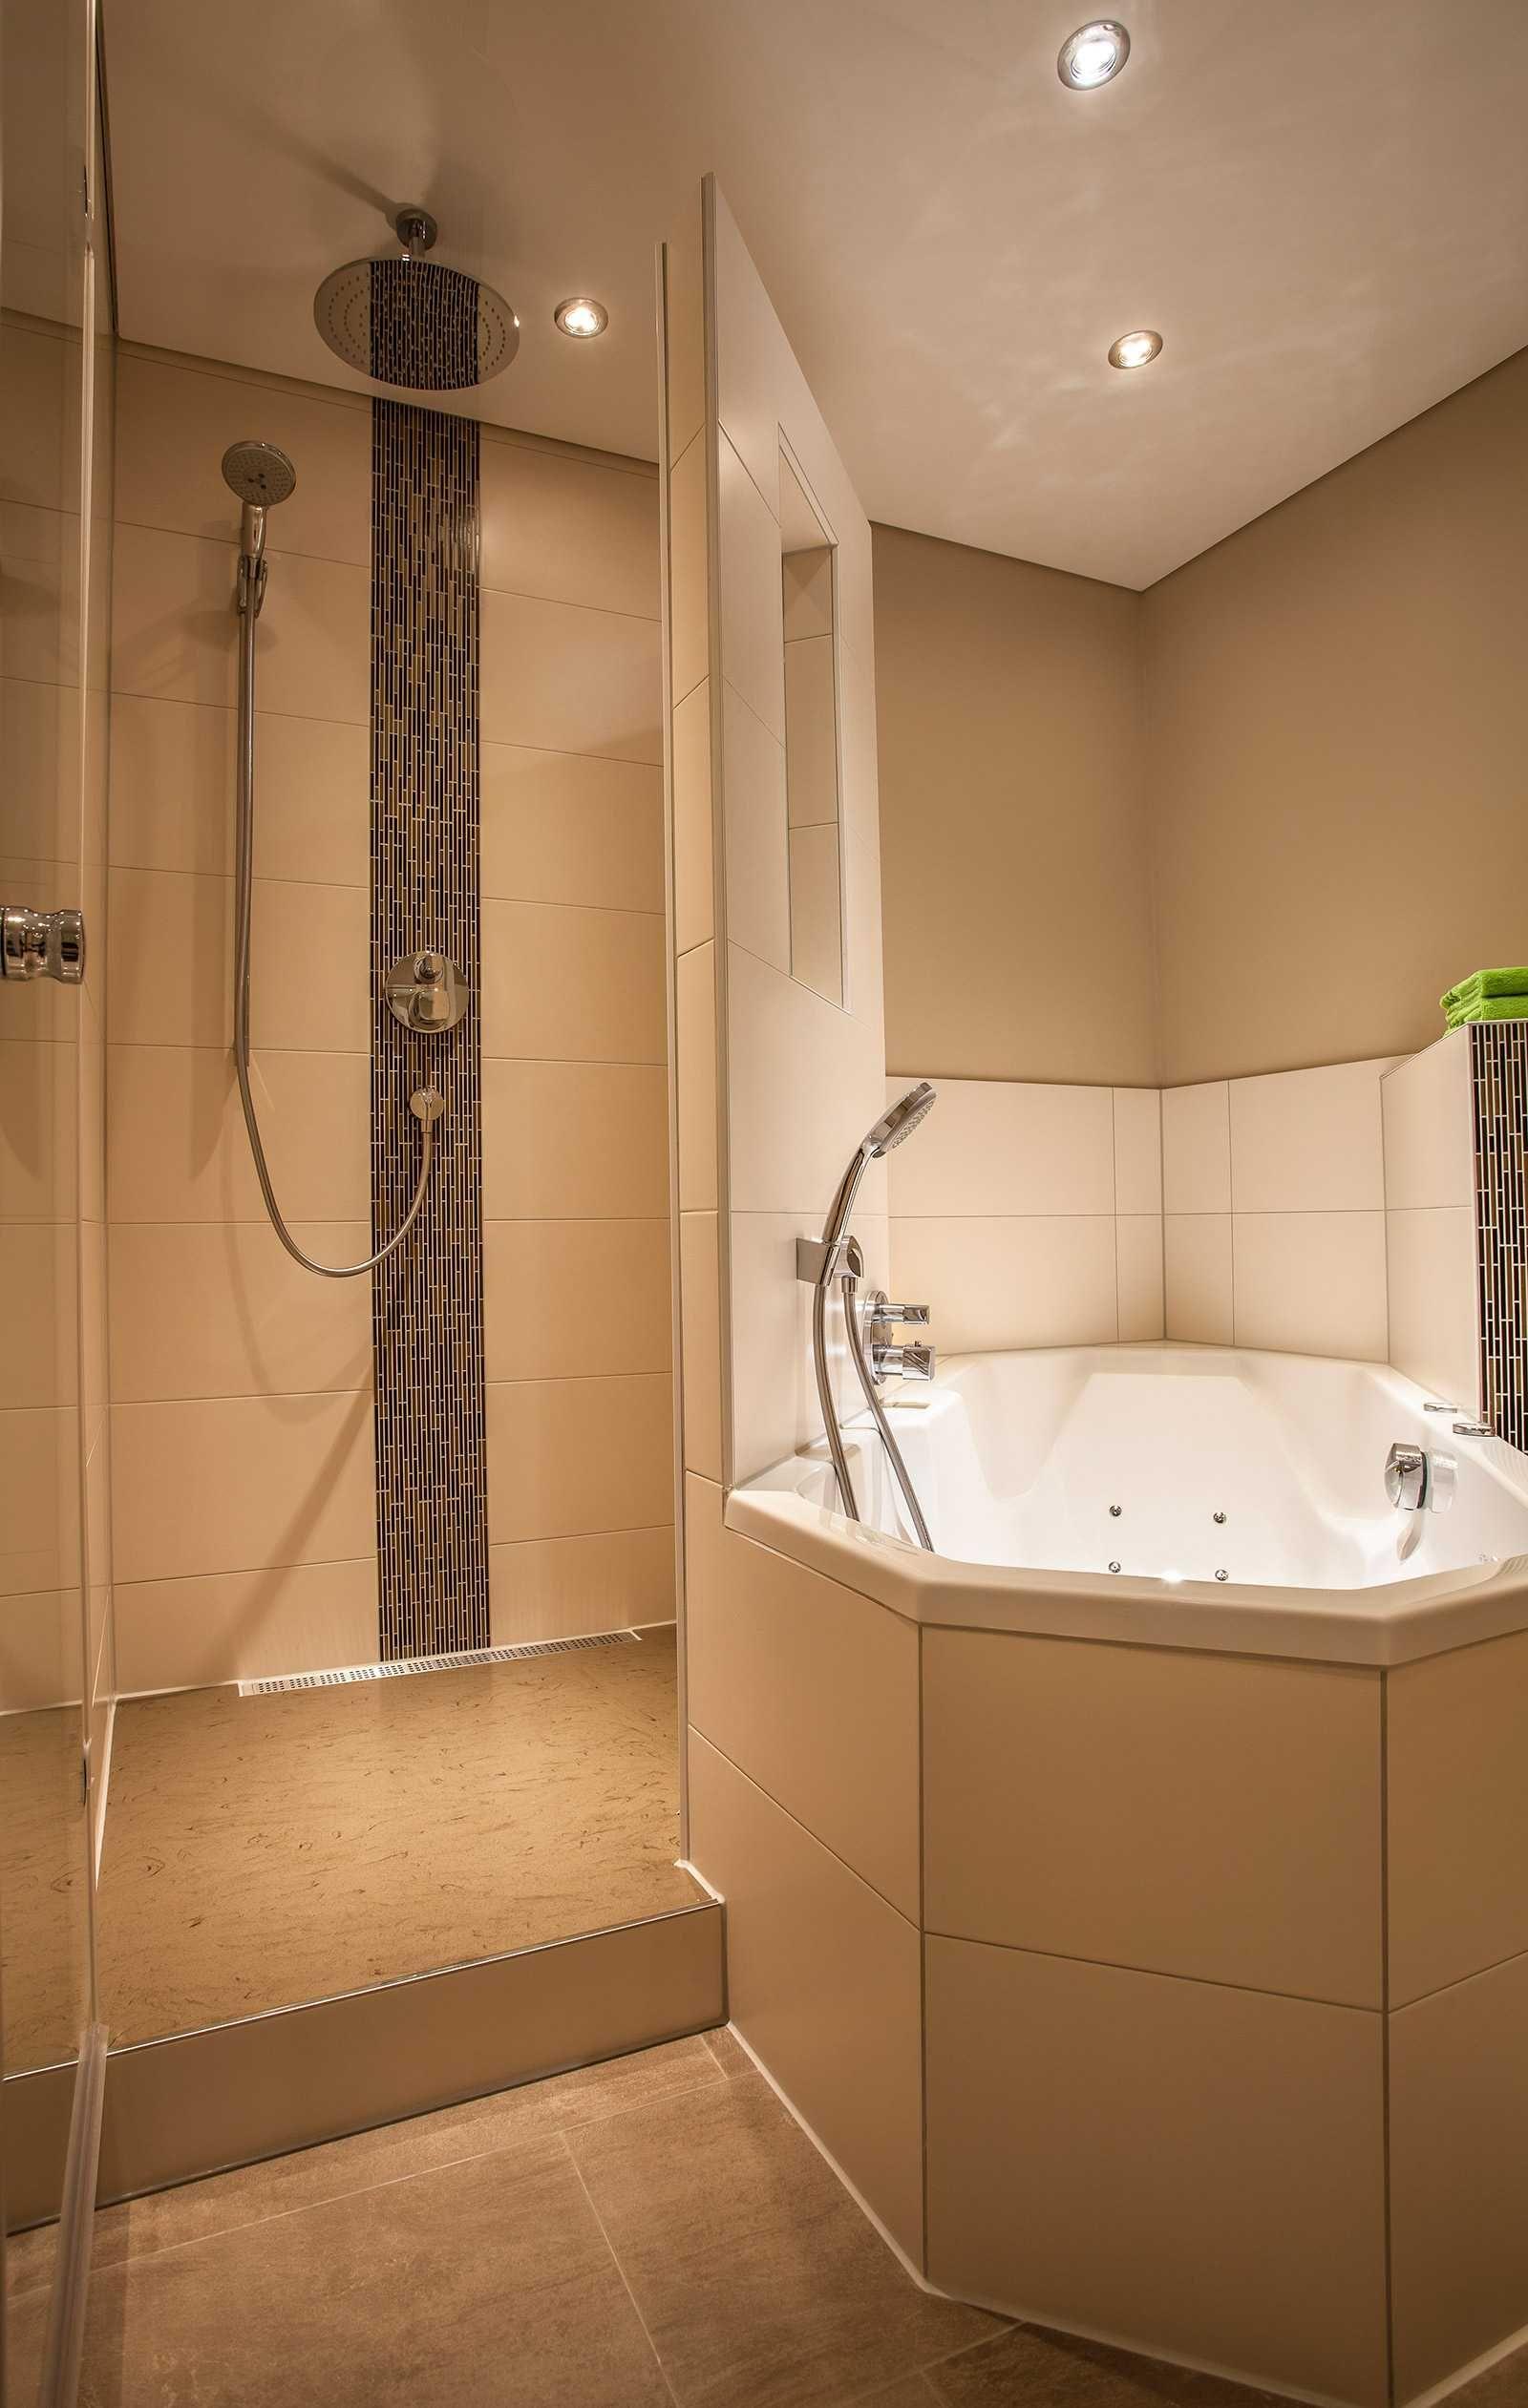 Trotz Wenig Platz Sowohl Badewanne Als Auch Dusche Mit Minibagno Www Mini Bagno Mainz De Badezimmer Badewanne Bad